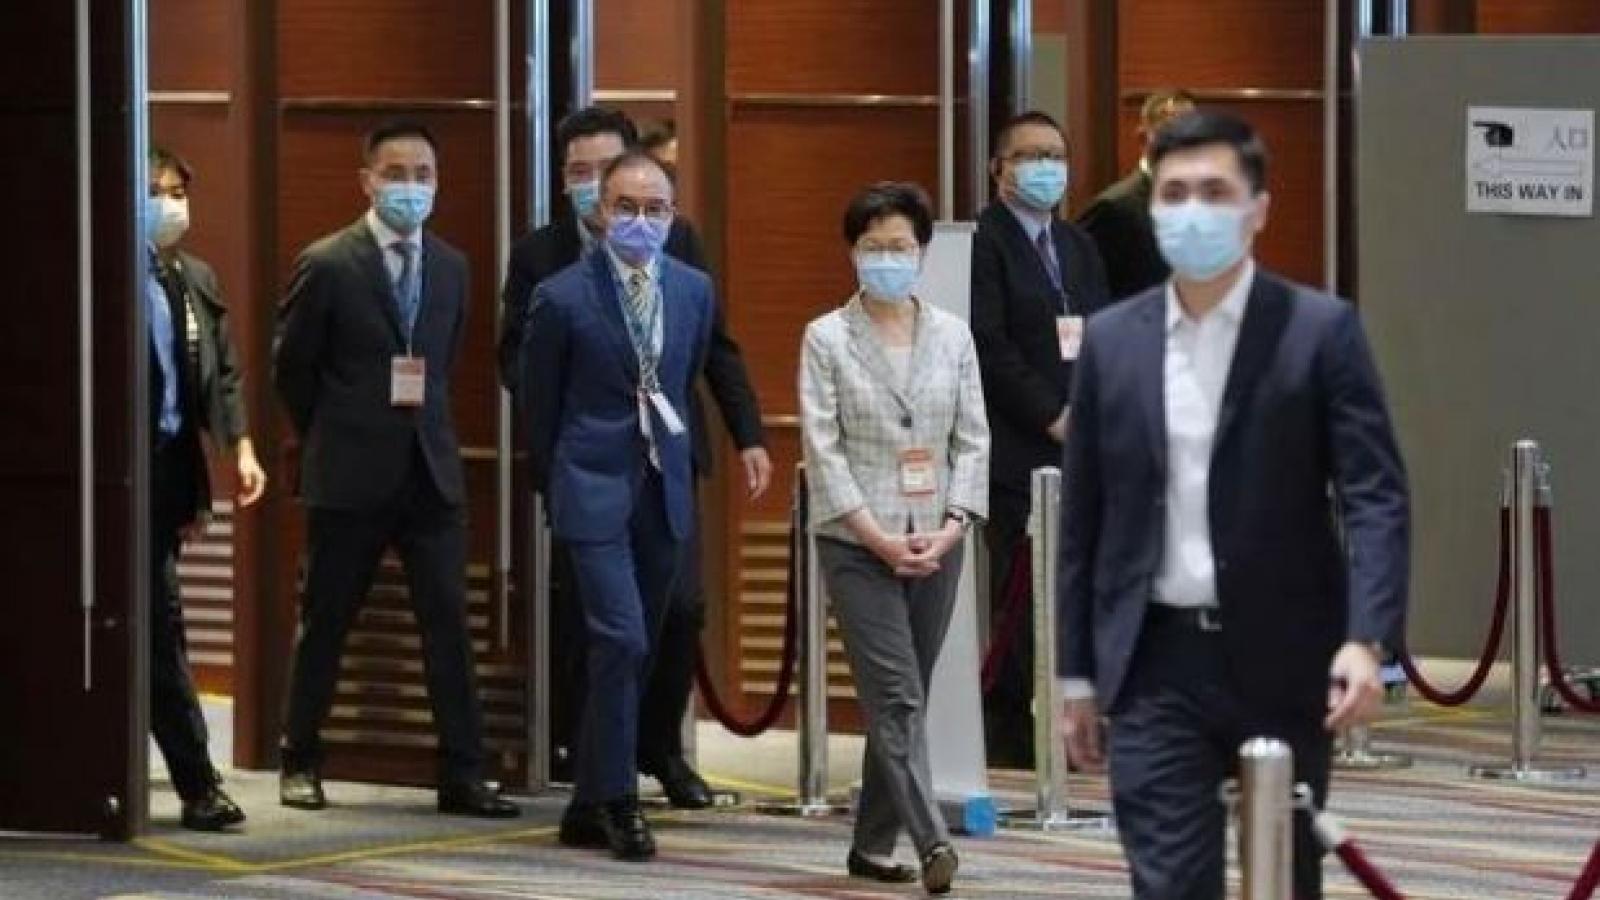 Hong Kong (Trung Quốc) lần đầu bỏ phiếu sau cải cách bầu cử